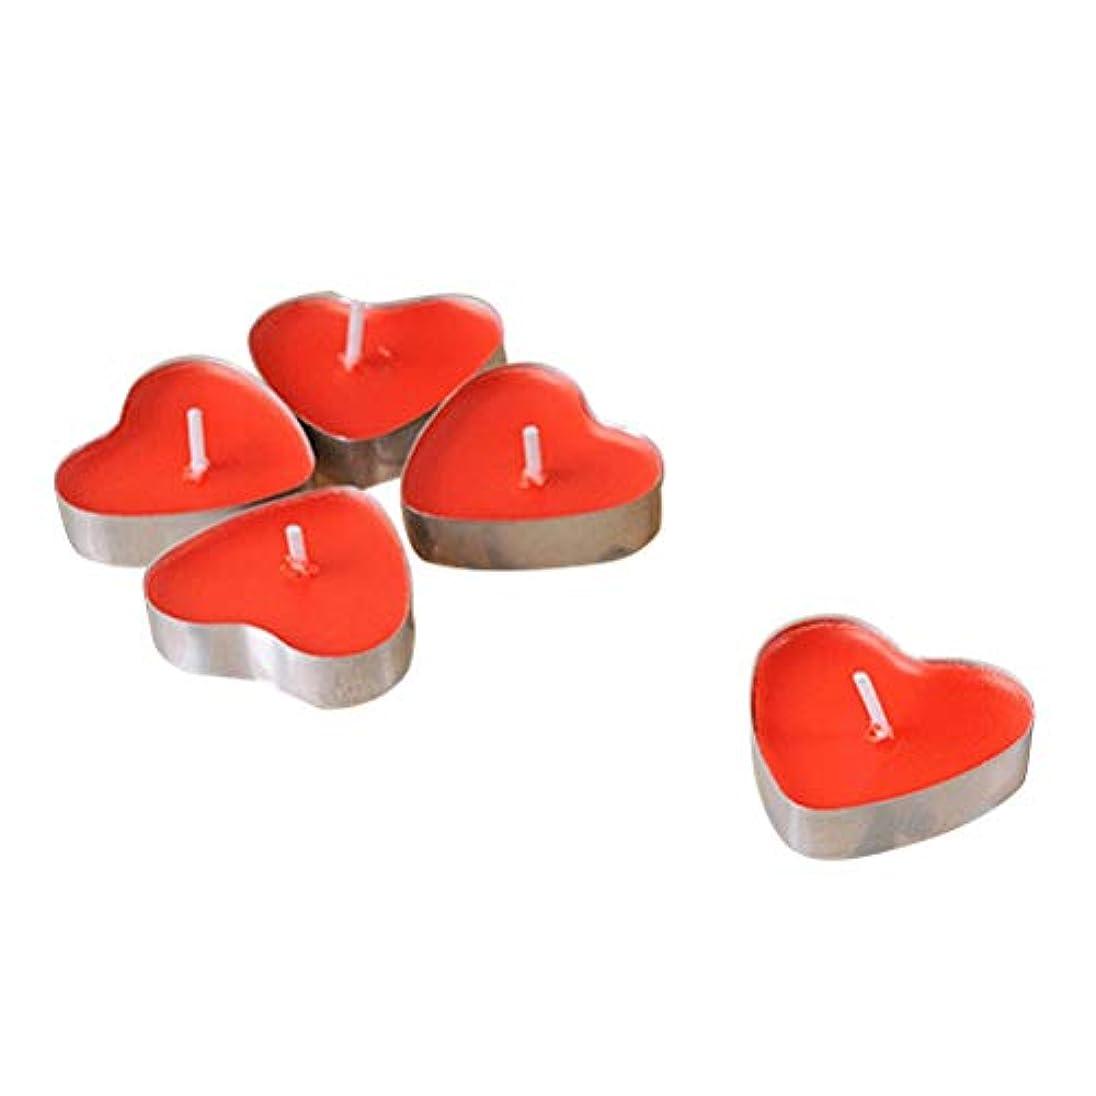 チャップボート物足りないVORCOOL 50本禁煙ロマンチックな蝋燭の結婚提案ハート型のろうそくの蝋燭